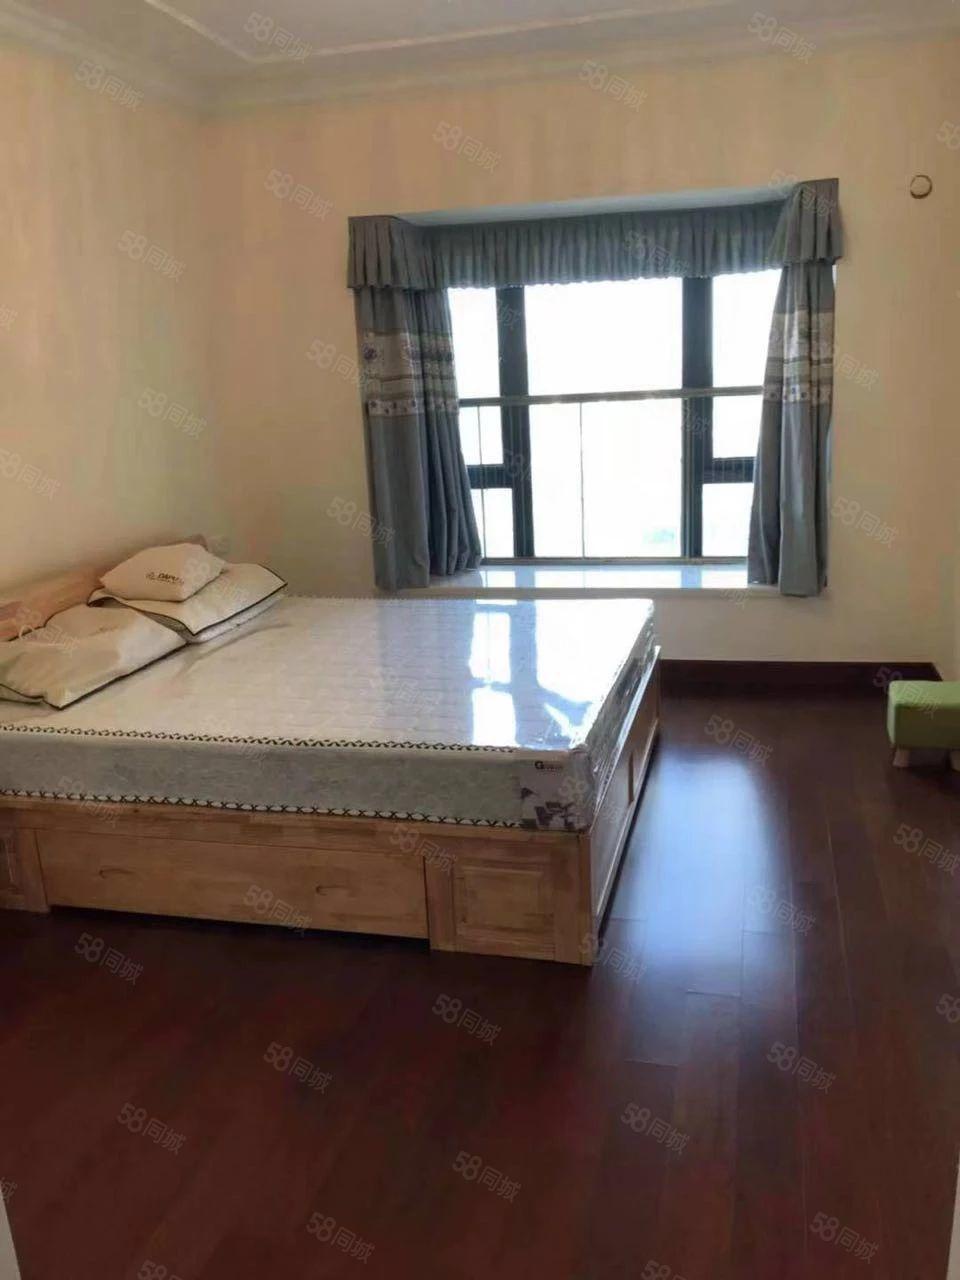 租碧桂园三房全齐,只要1800元